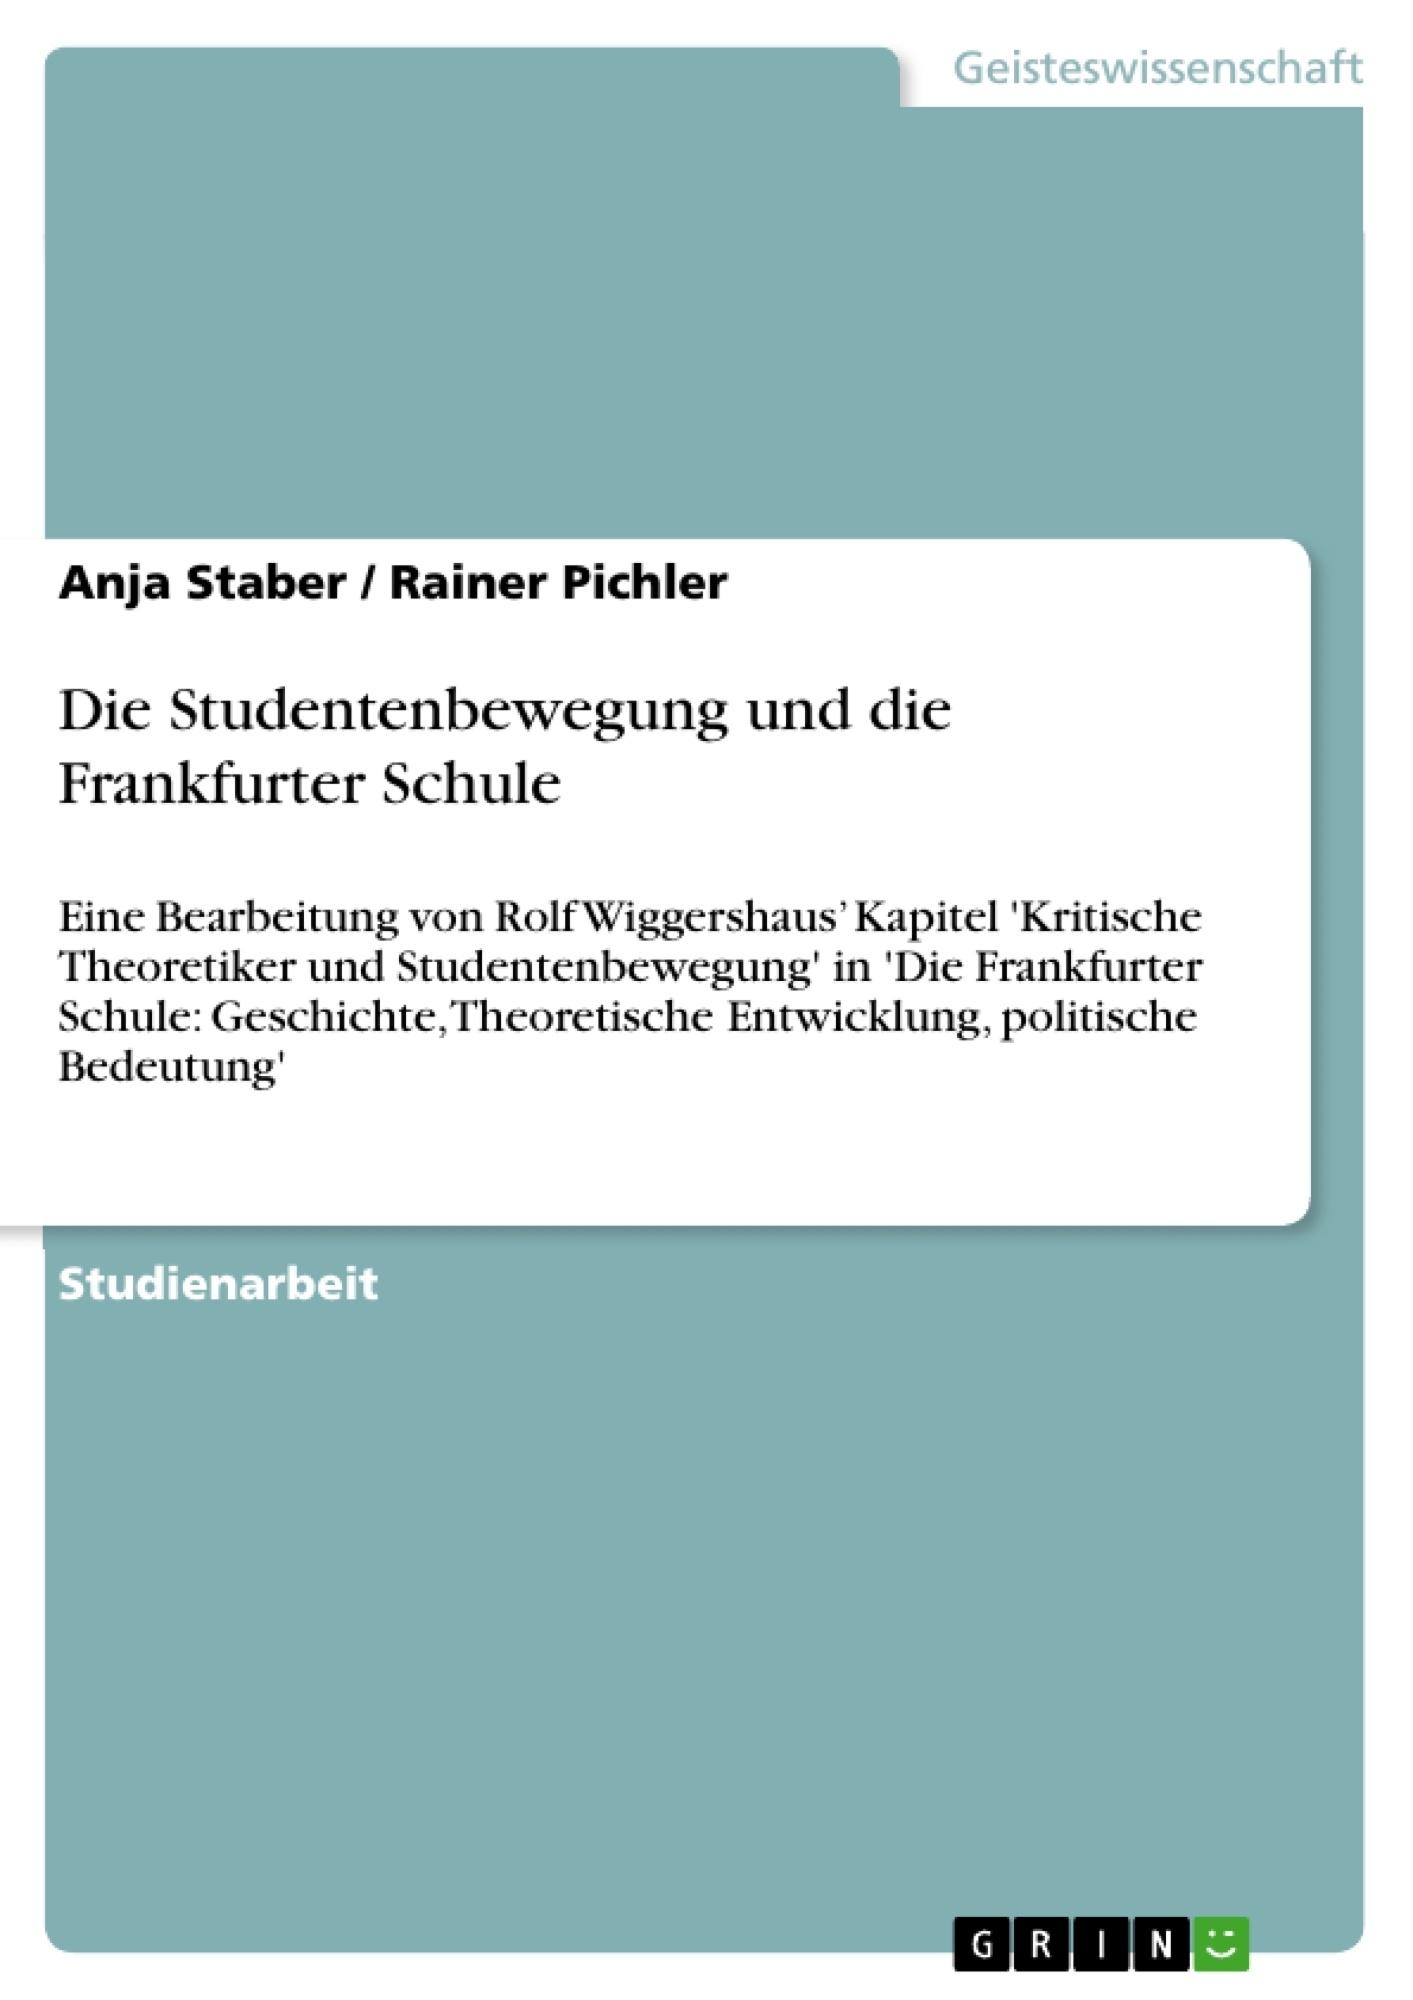 Titel: Die Studentenbewegung und die Frankfurter Schule